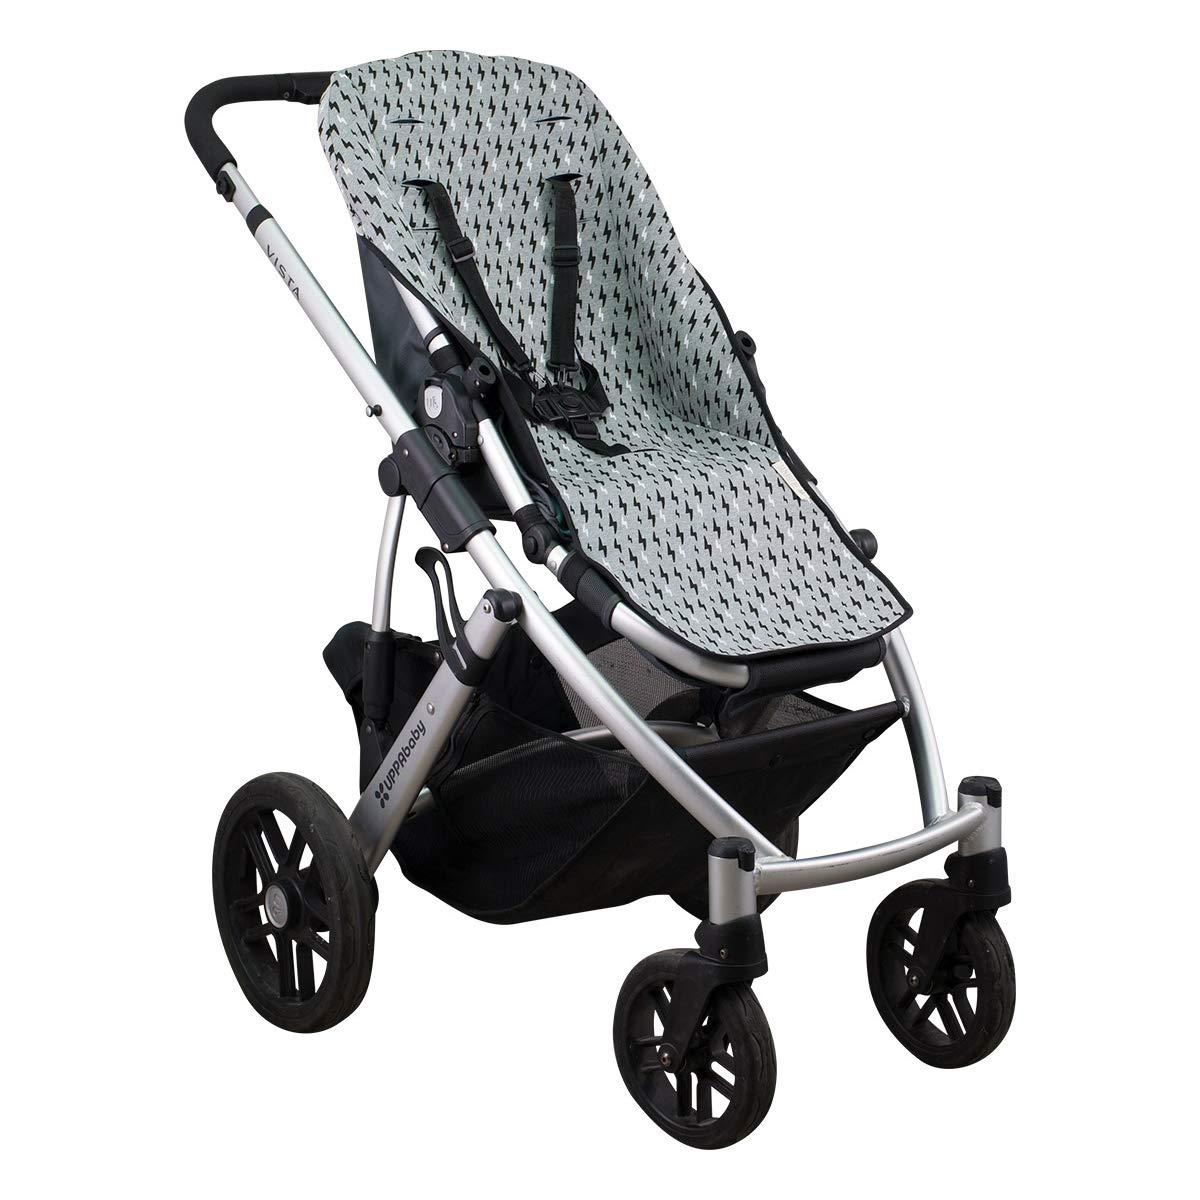 Bettlaken f/ür Babyschale Matratze Bugaboo Cameleon/® Bugaboo Fox /® B10//B10L Baby Jogger /® und Uppababy Vista /® carrycot Fundas BCN /® Farbe Ecrue.